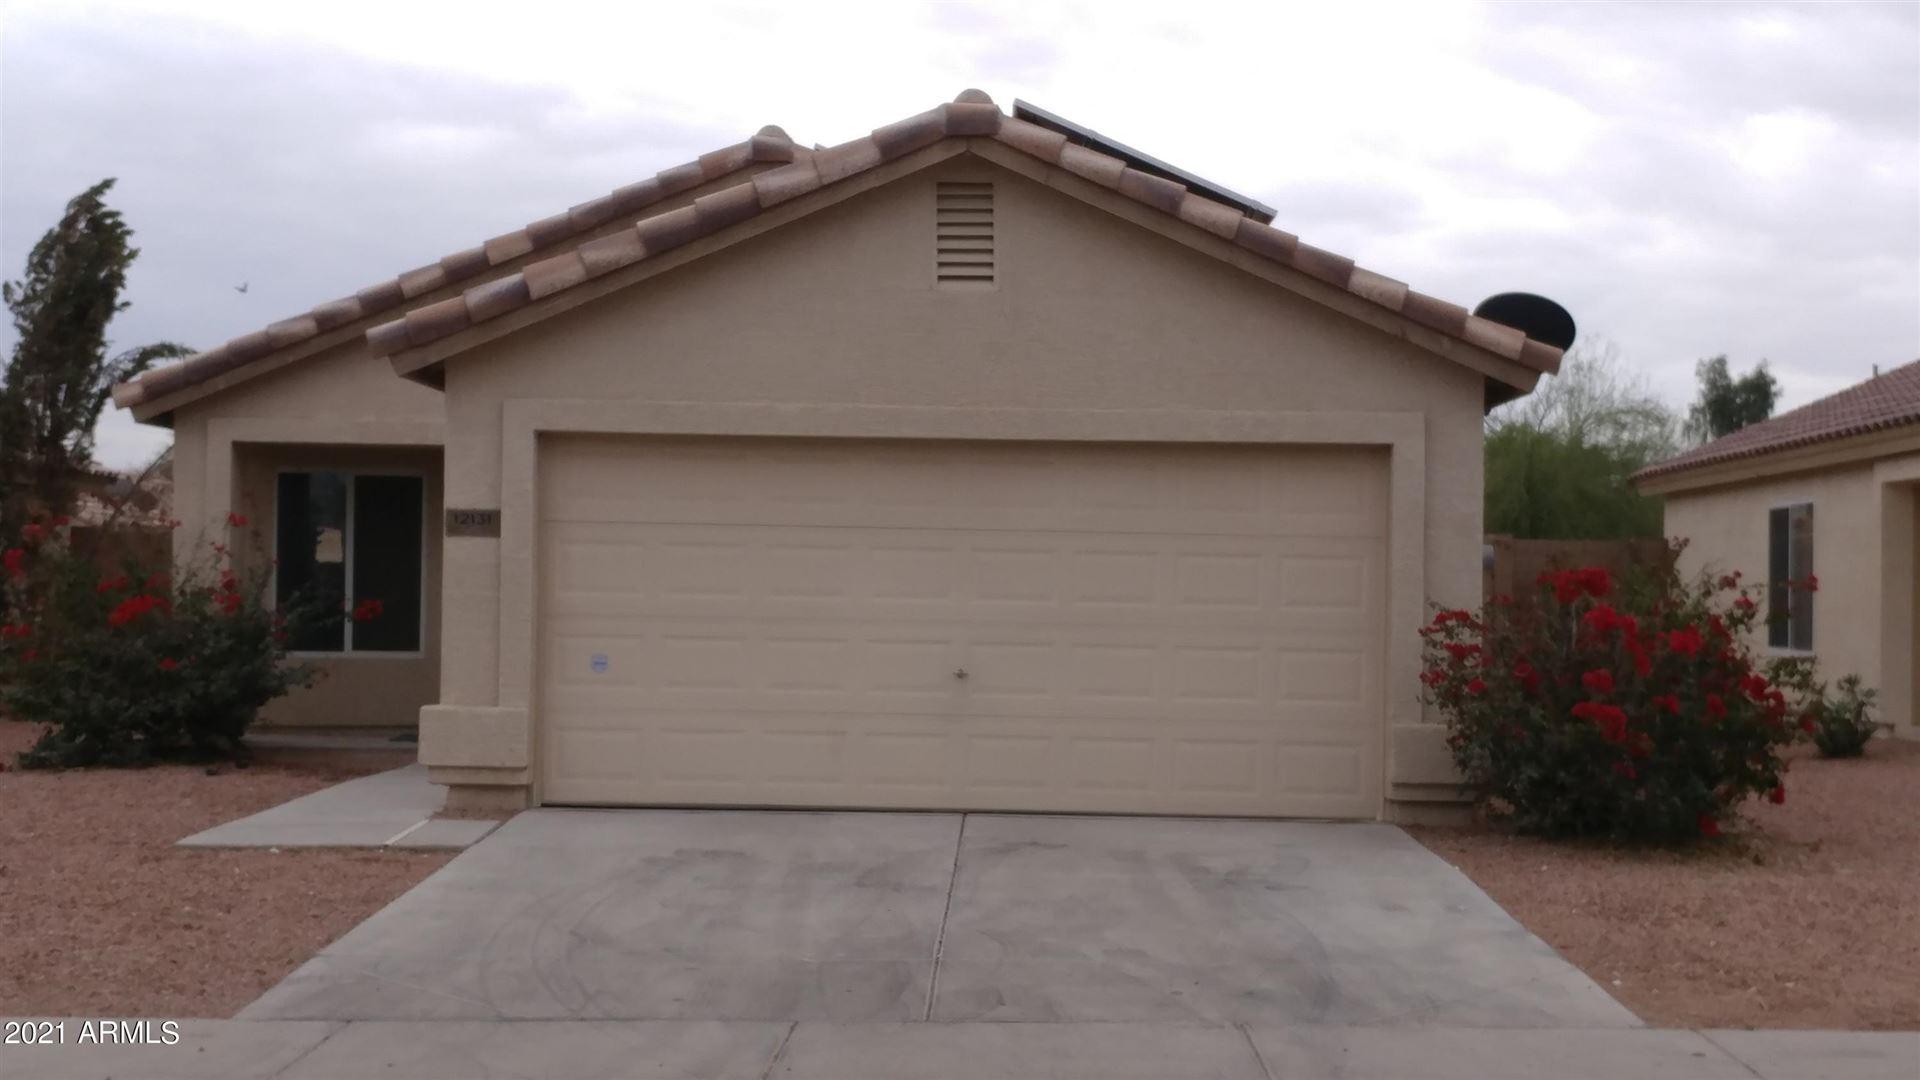 Photo of 12131 W ROSEWOOD Drive, El Mirage, AZ 85335 (MLS # 6199382)